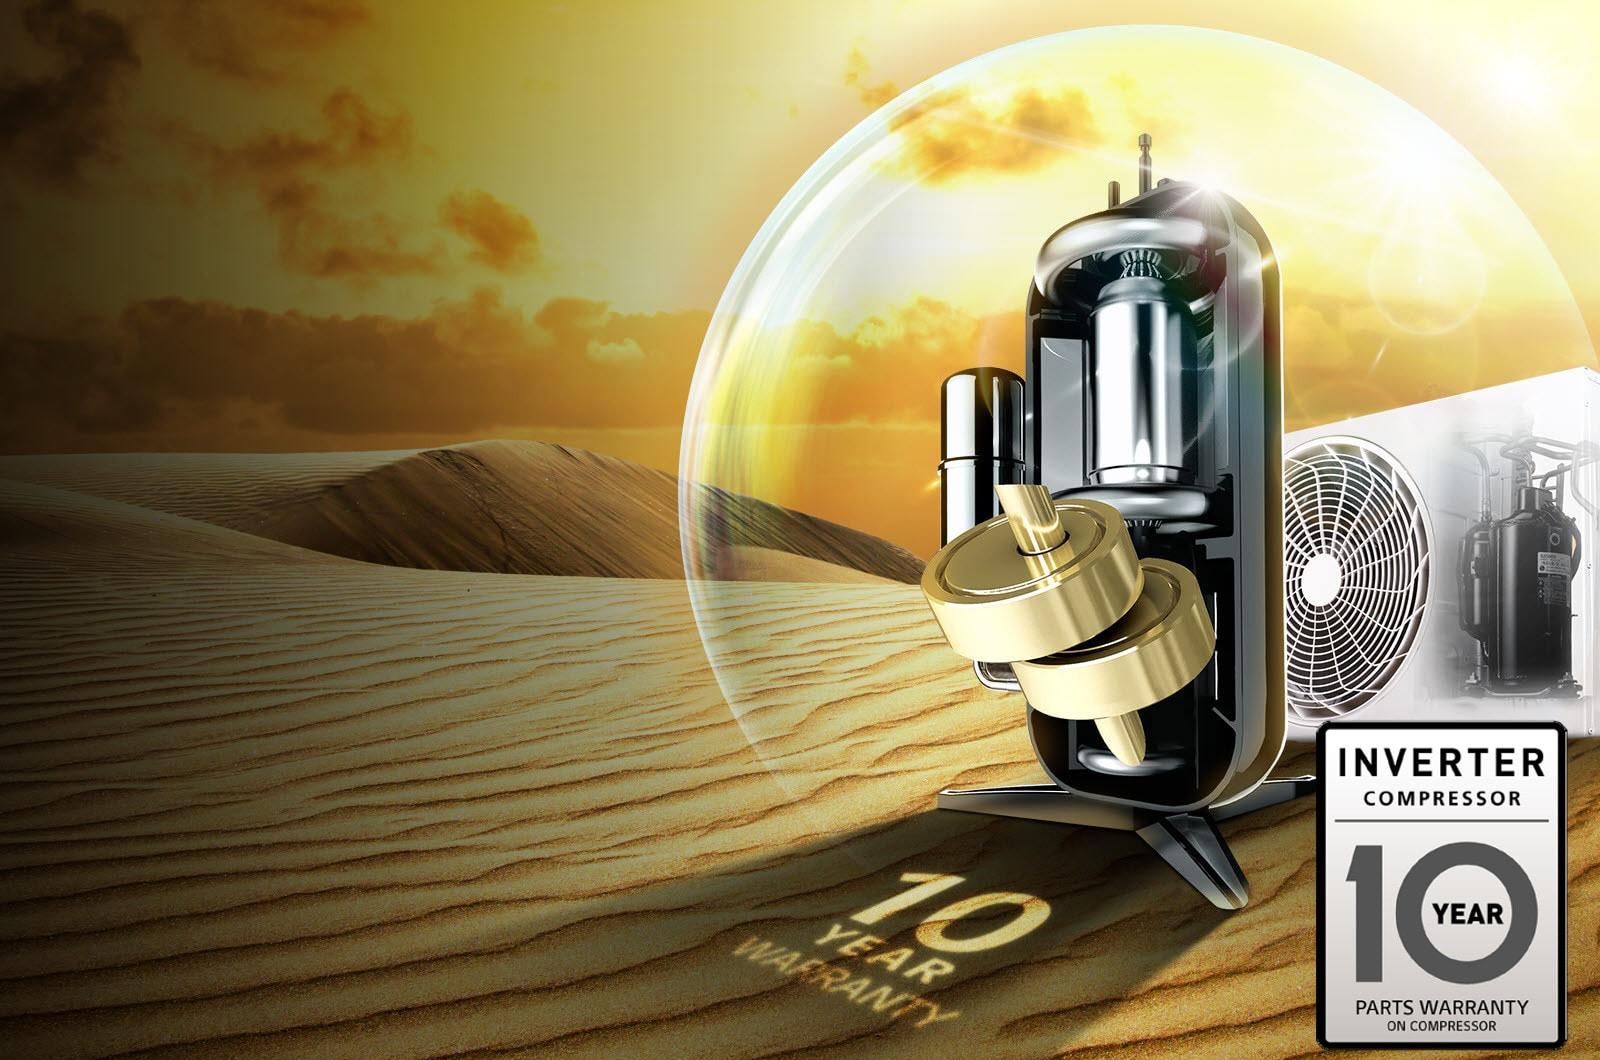 Smart Inverter Compressor™1